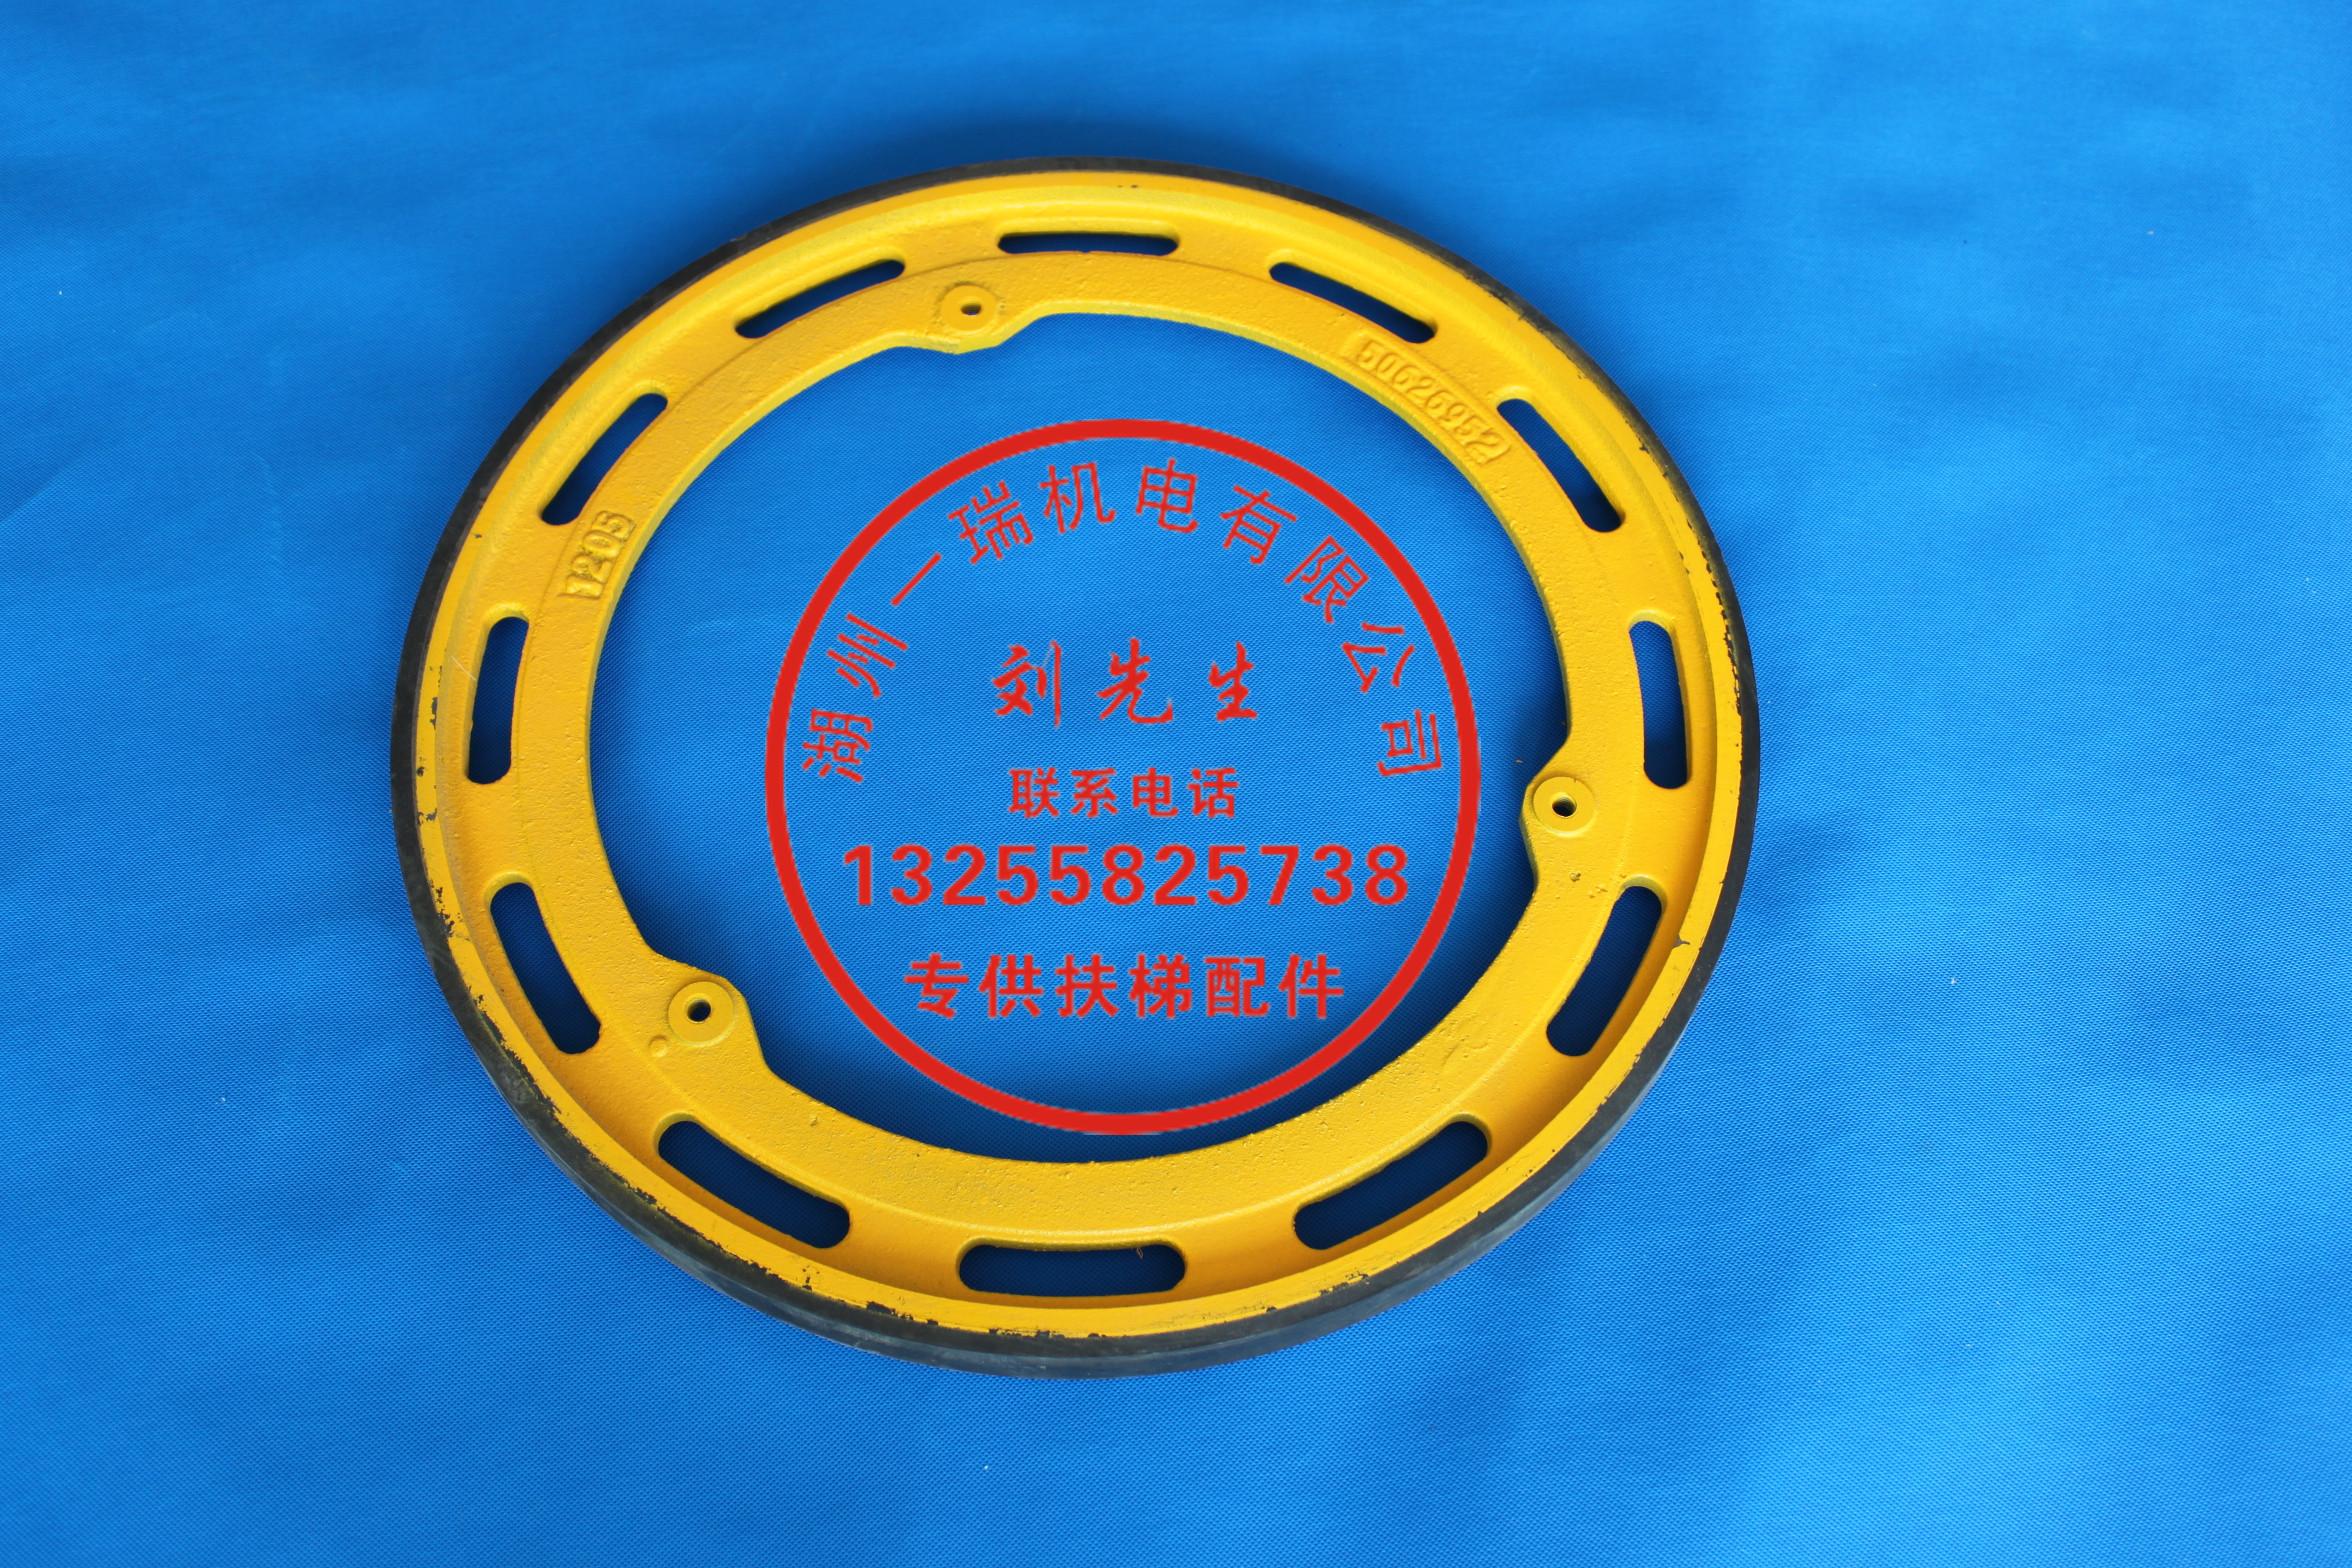 shanghai schindler friktion hjul 497*30 hurtig friktion hjul på theo østrigske afsendelse af cilnidipin